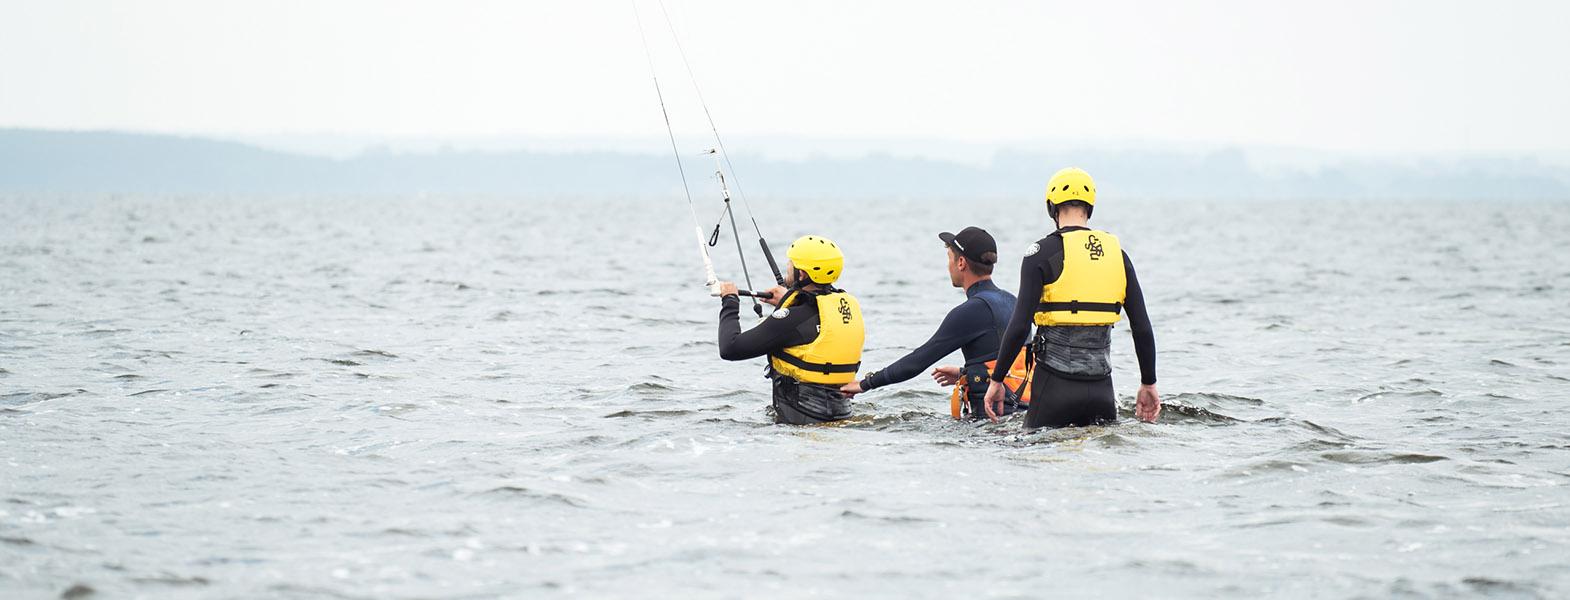 Kurs kitesurfingu 2